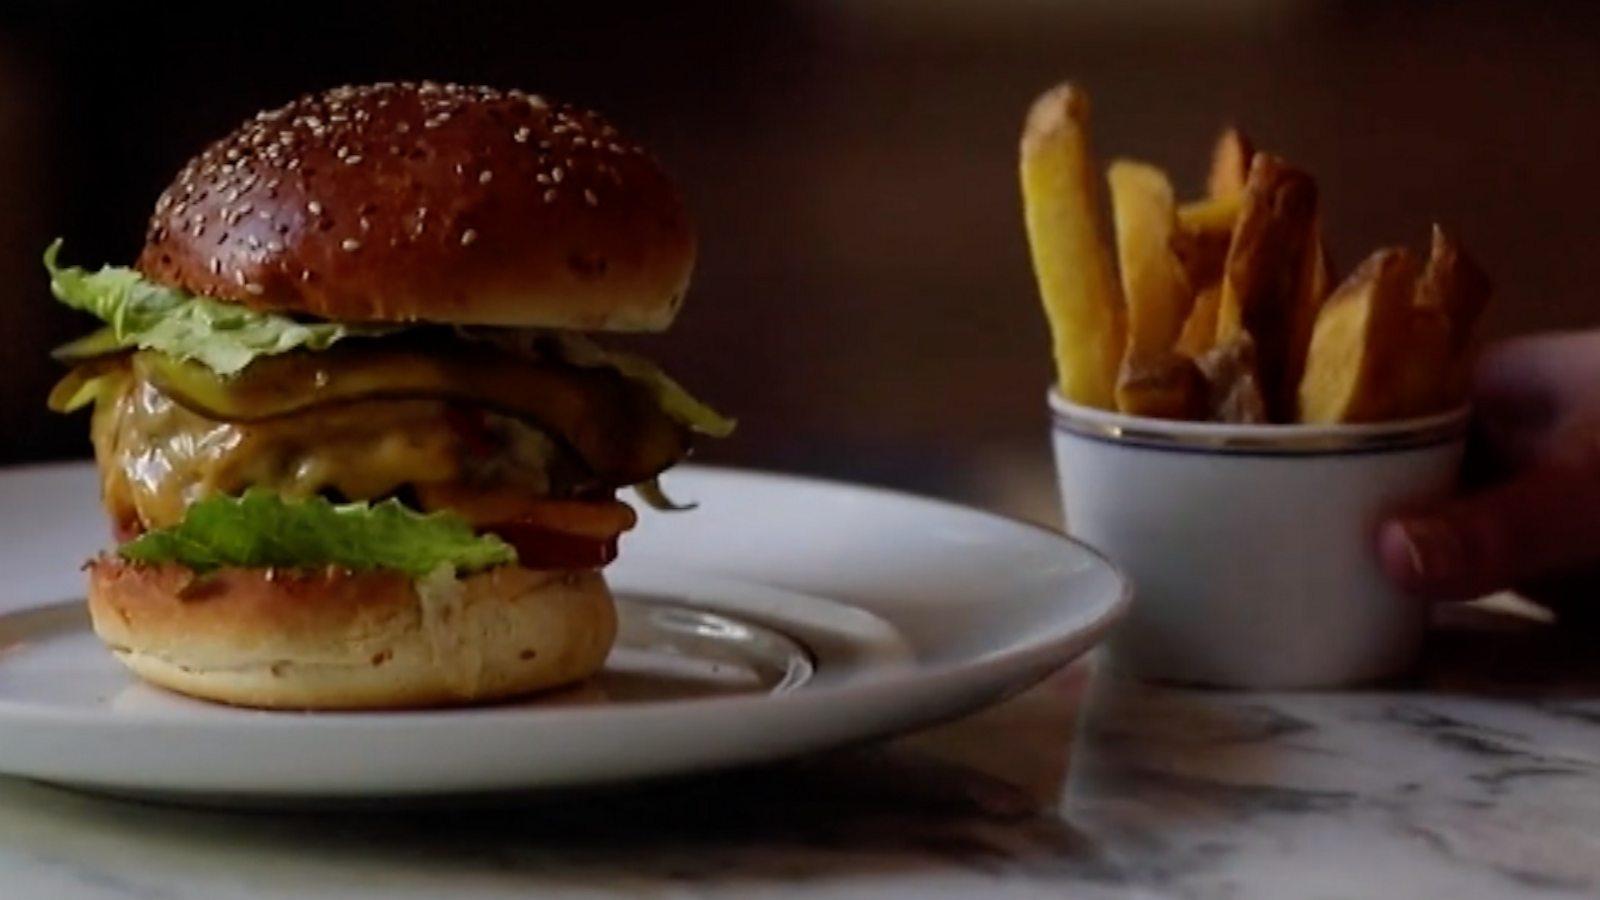 Michelin-starred venue's €20 takeaway Covid burger